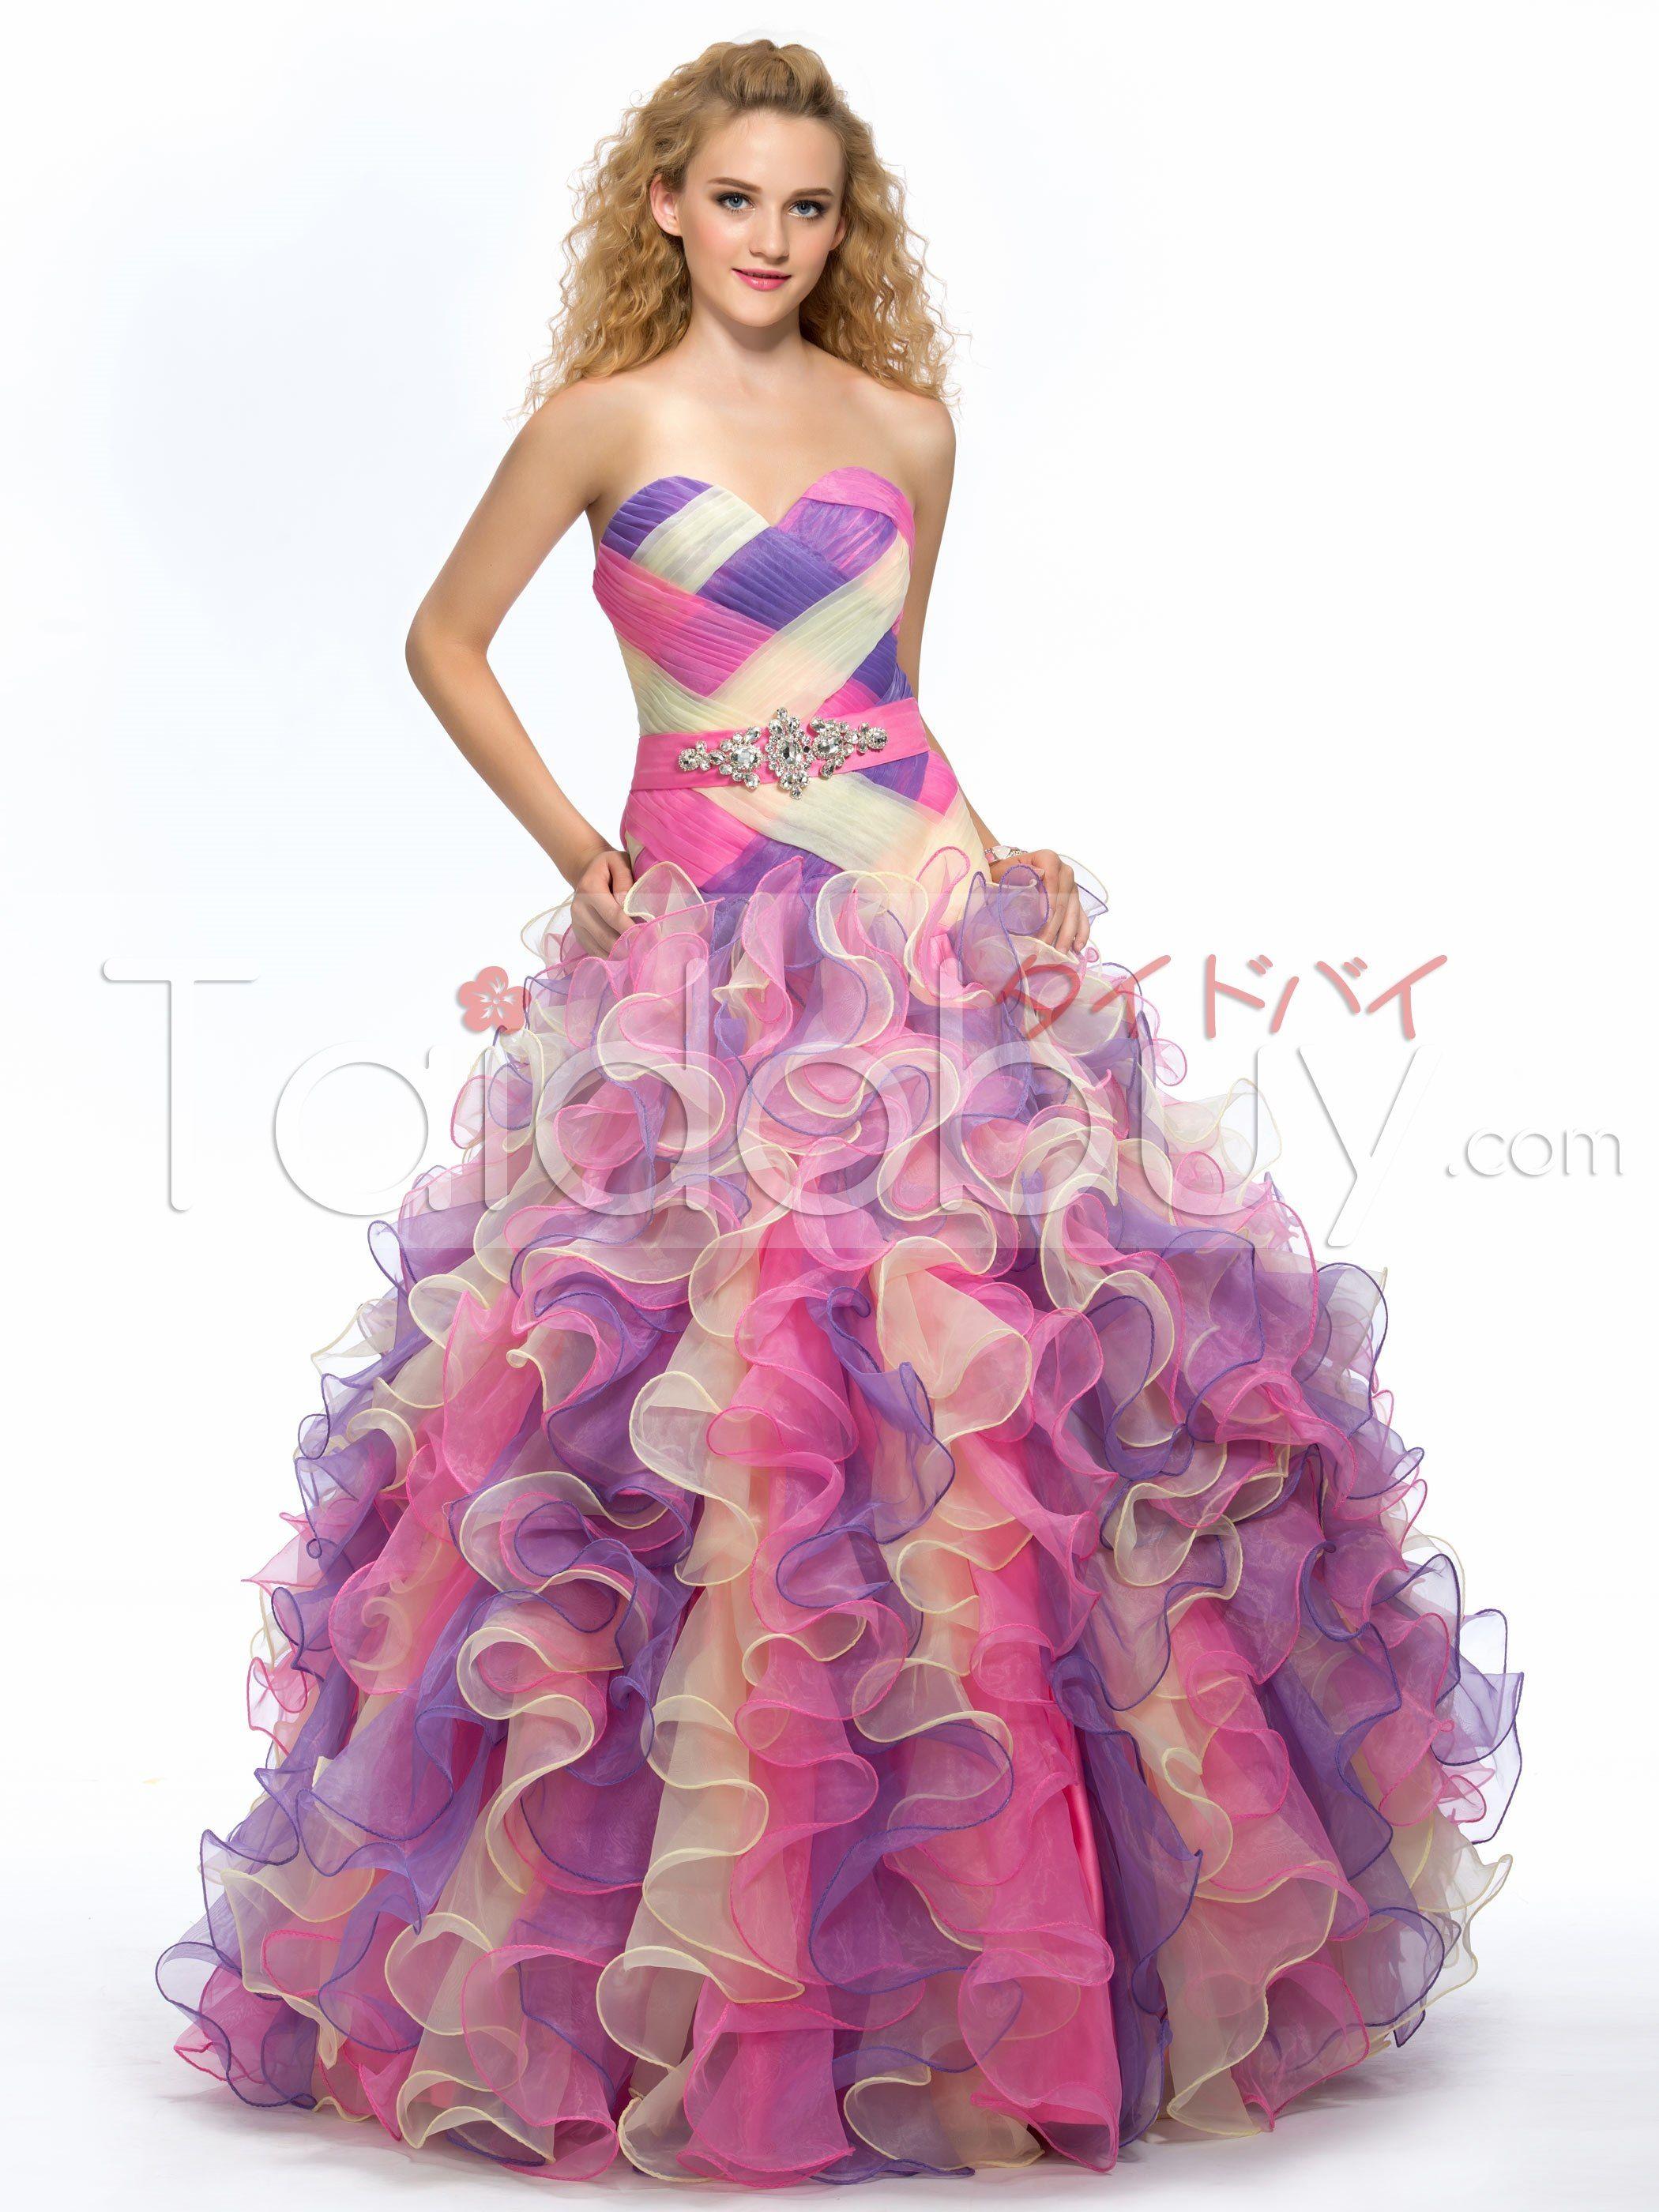 スイートハートクリスタルルーシュひだ飾りロングカラードレス